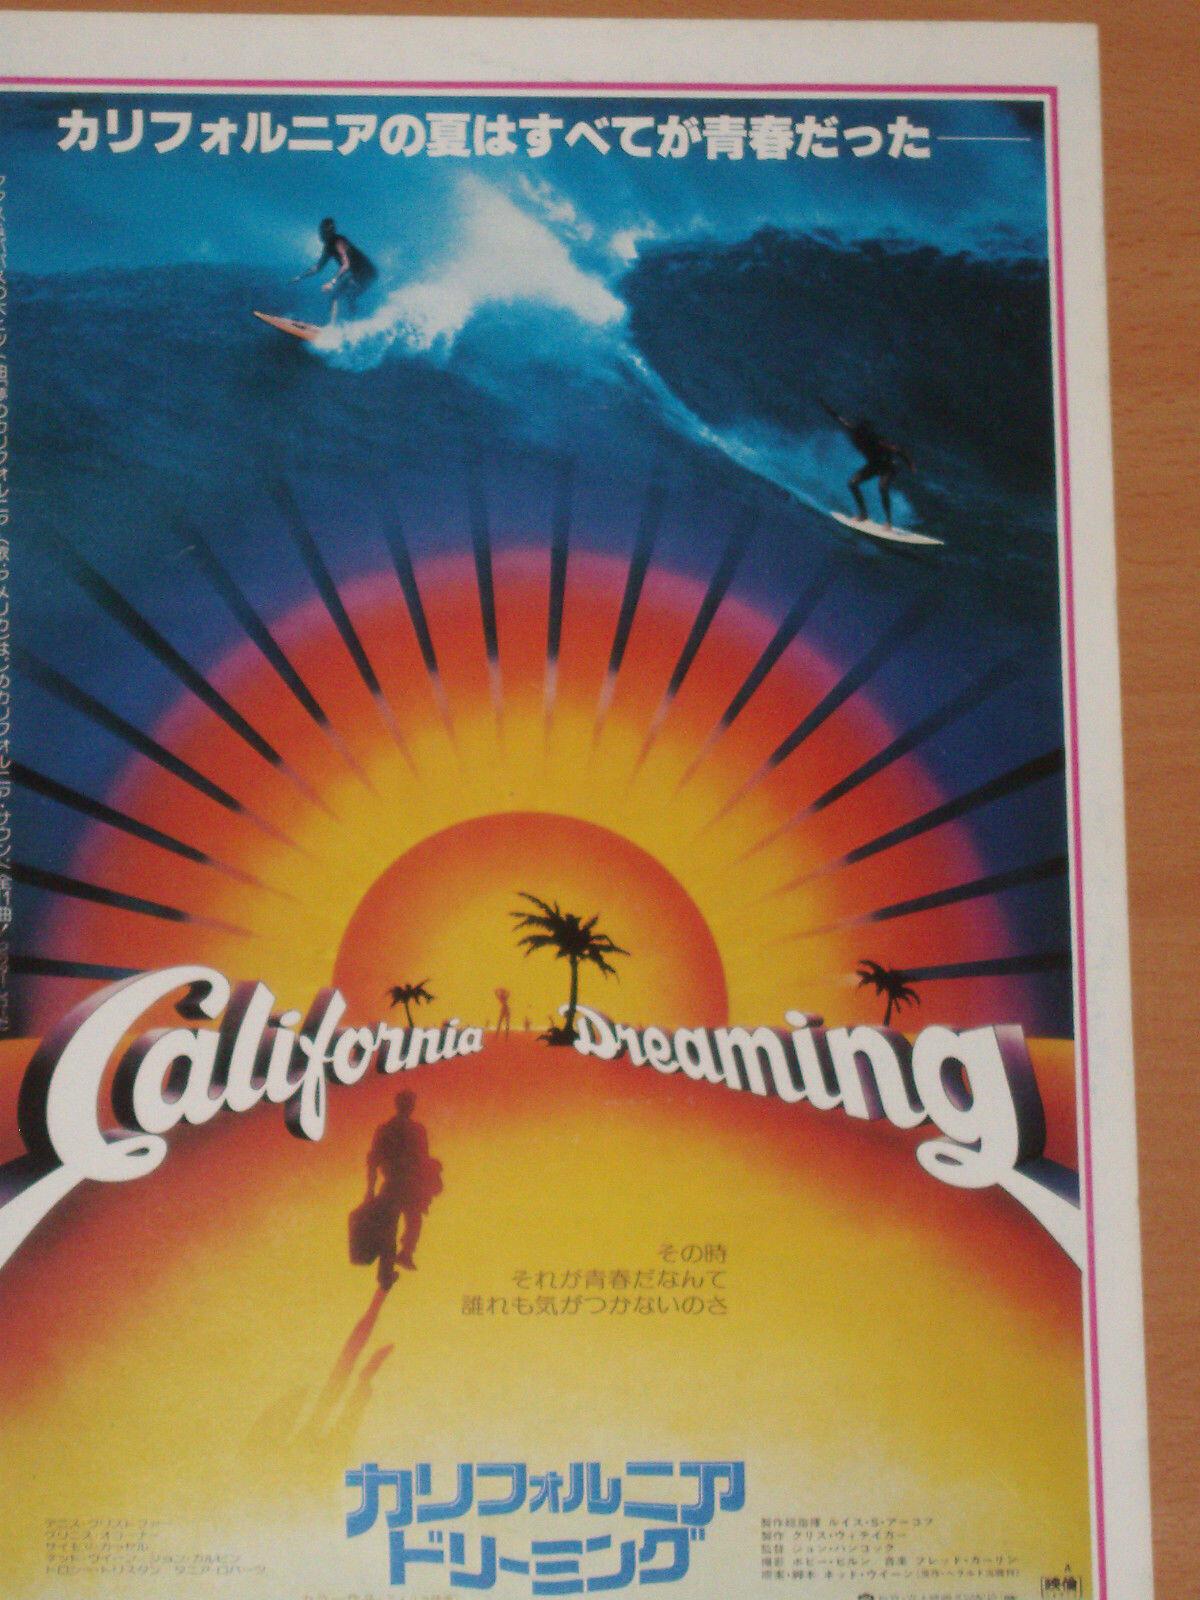 すべてが青春だった『カリフォルニアドリーミング』 ( 映画レビュー ) - 字幕映画のススメ - Yahoo!ブログ